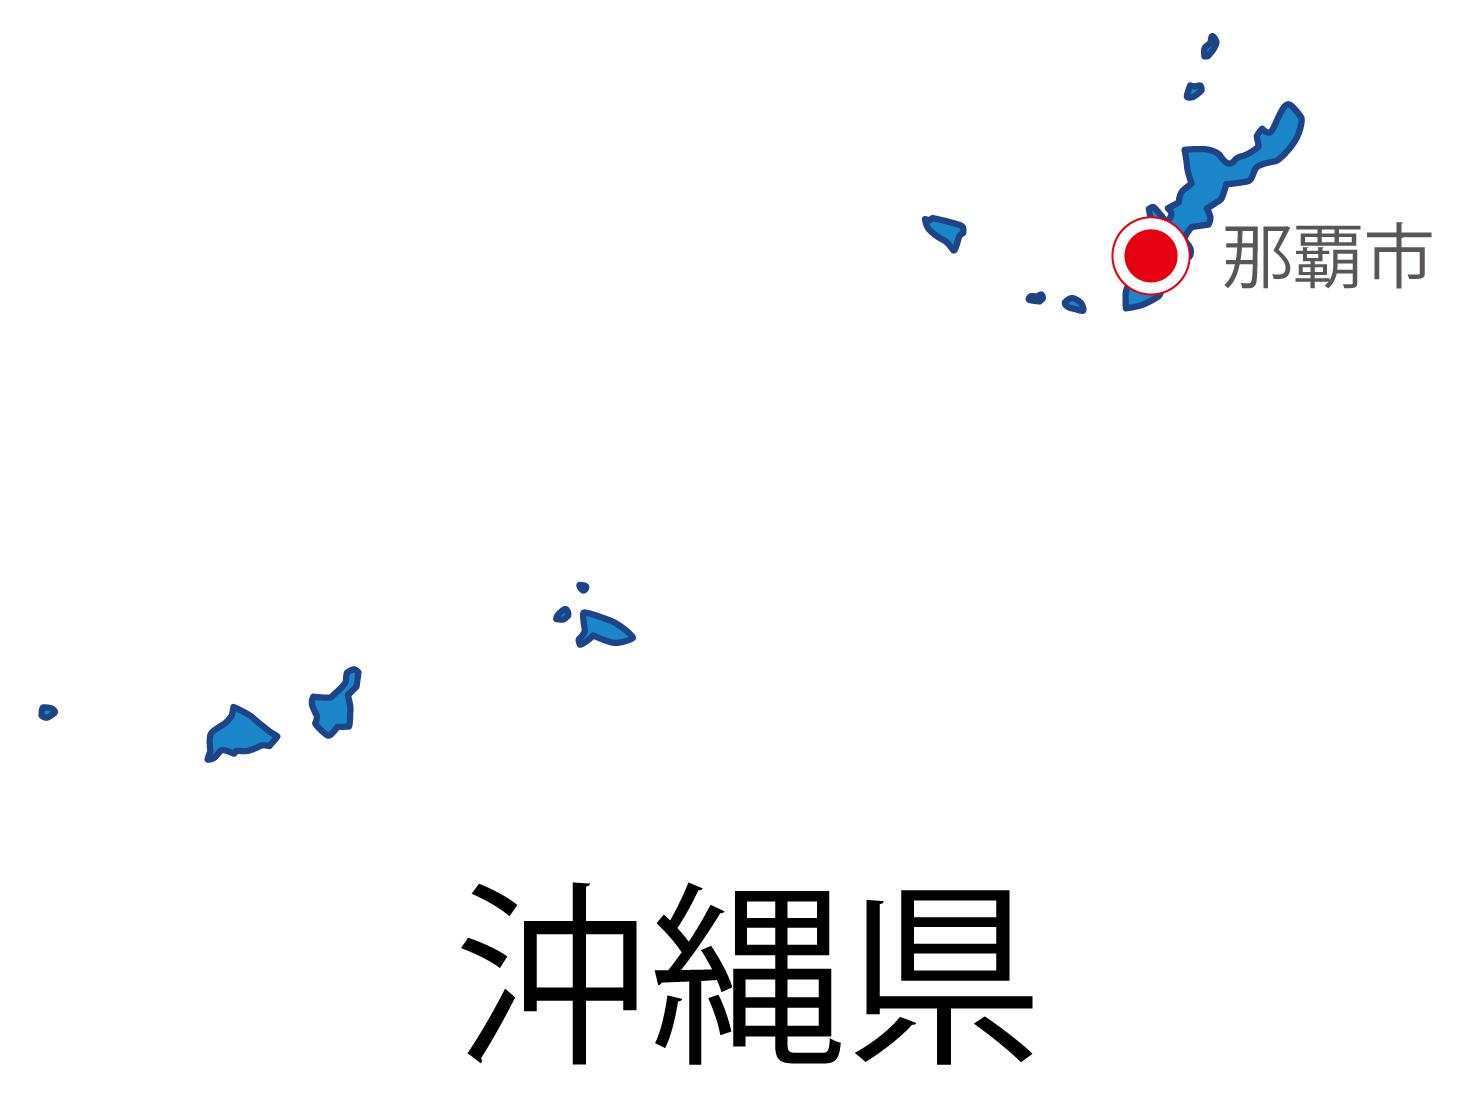 沖縄県無料フリーイラスト|日本語・都道府県名あり・県庁所在地あり(青)